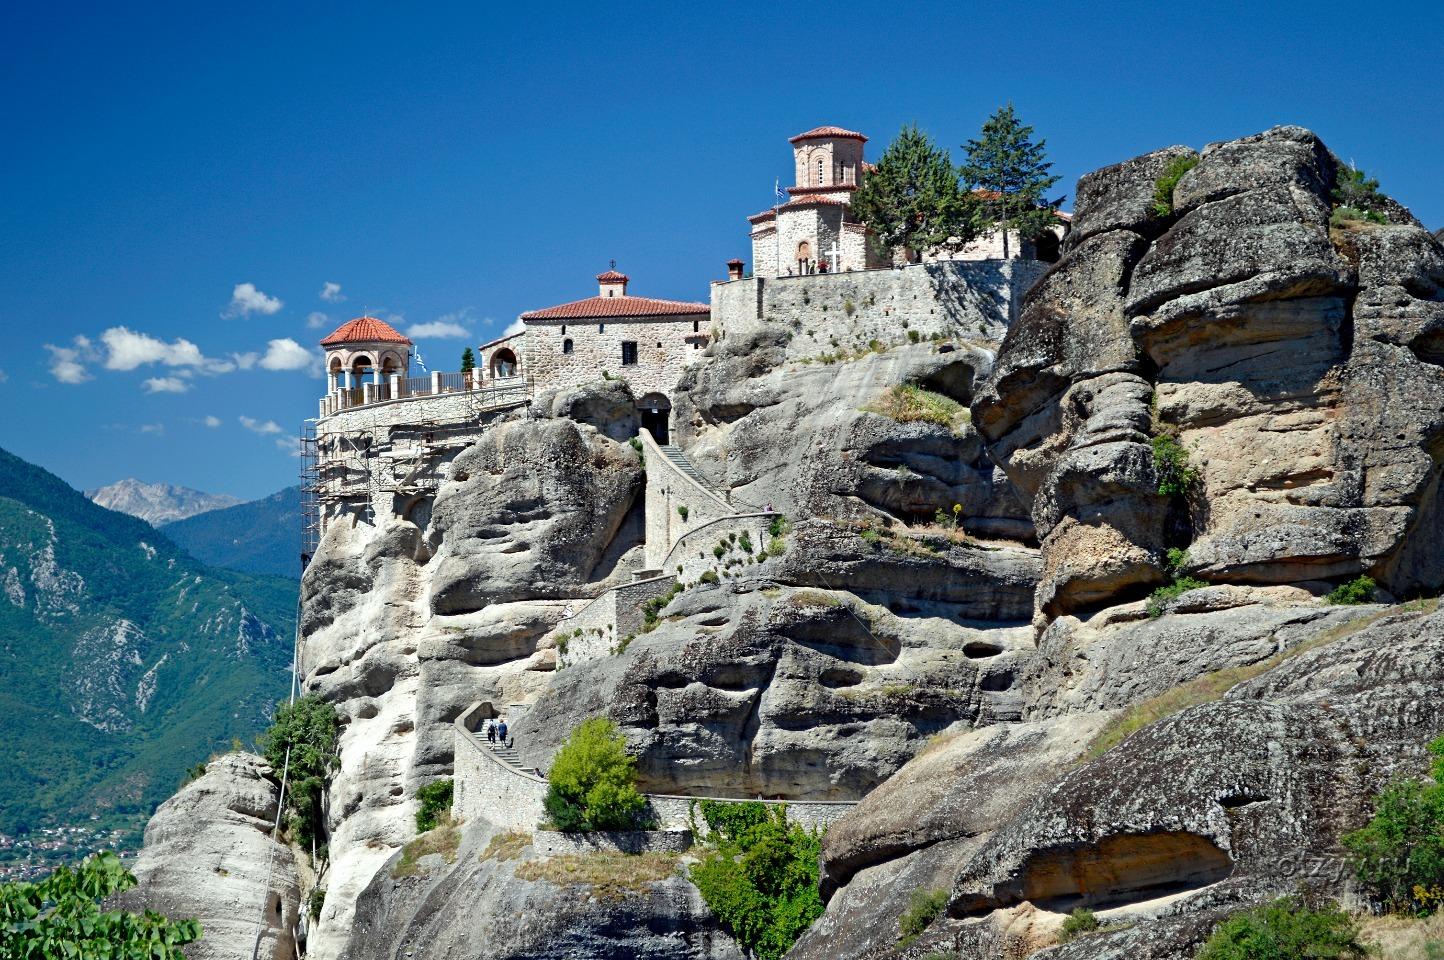 парящие монастыри метеоры в греции фото одна неприятностей, подстерегающих